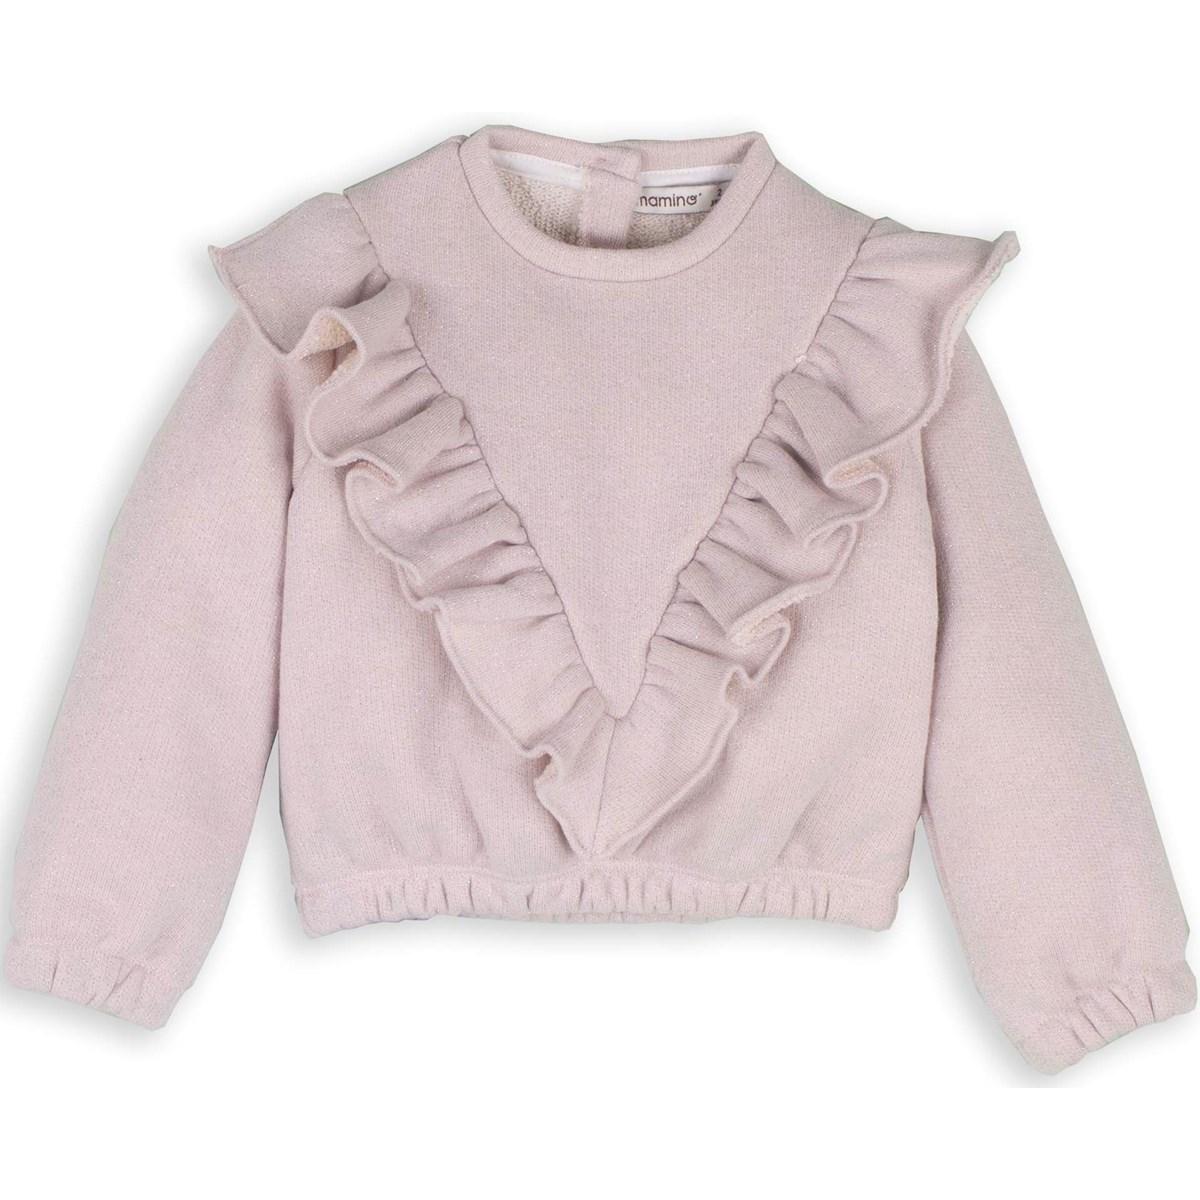 13858 Sweatshirt 1